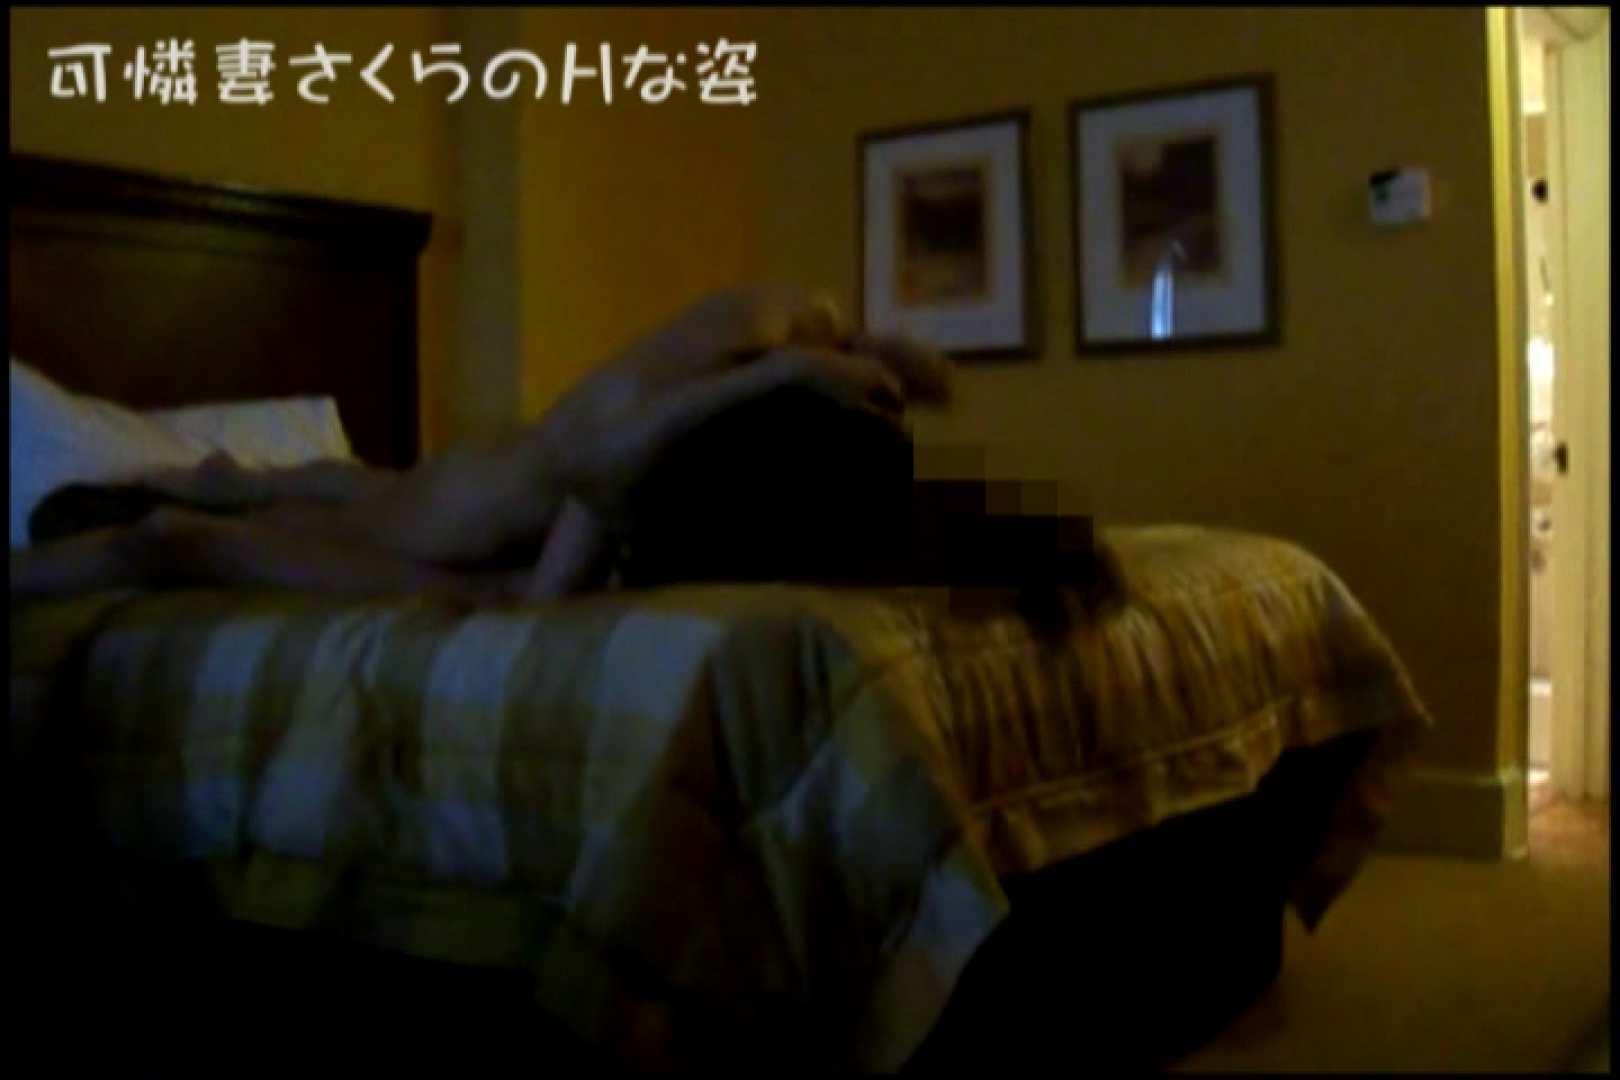 可憐妻さくらのHな姿vol.9後編 熟女の裸体 | OL裸体  106画像 25